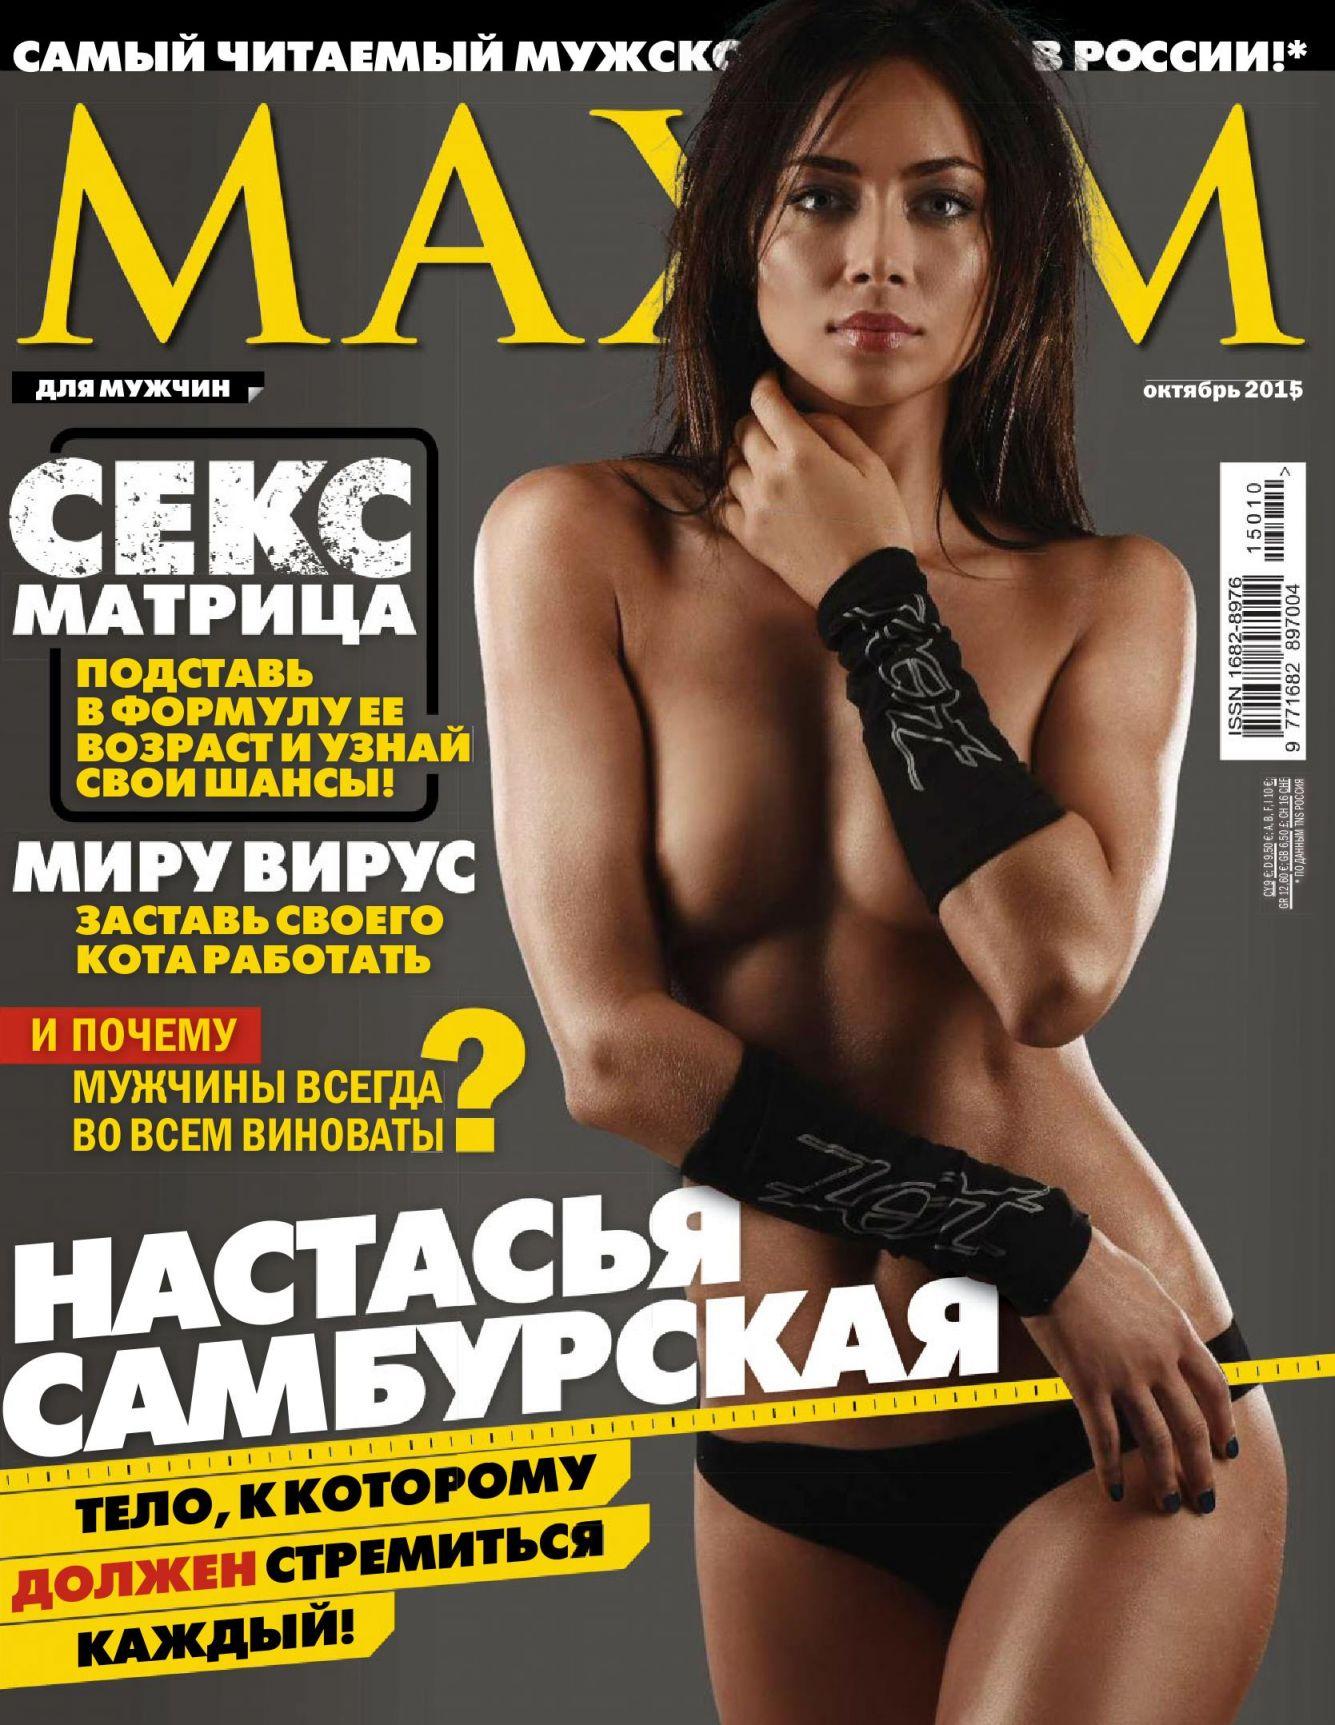 Nastassja Samburskaya Topless Photos